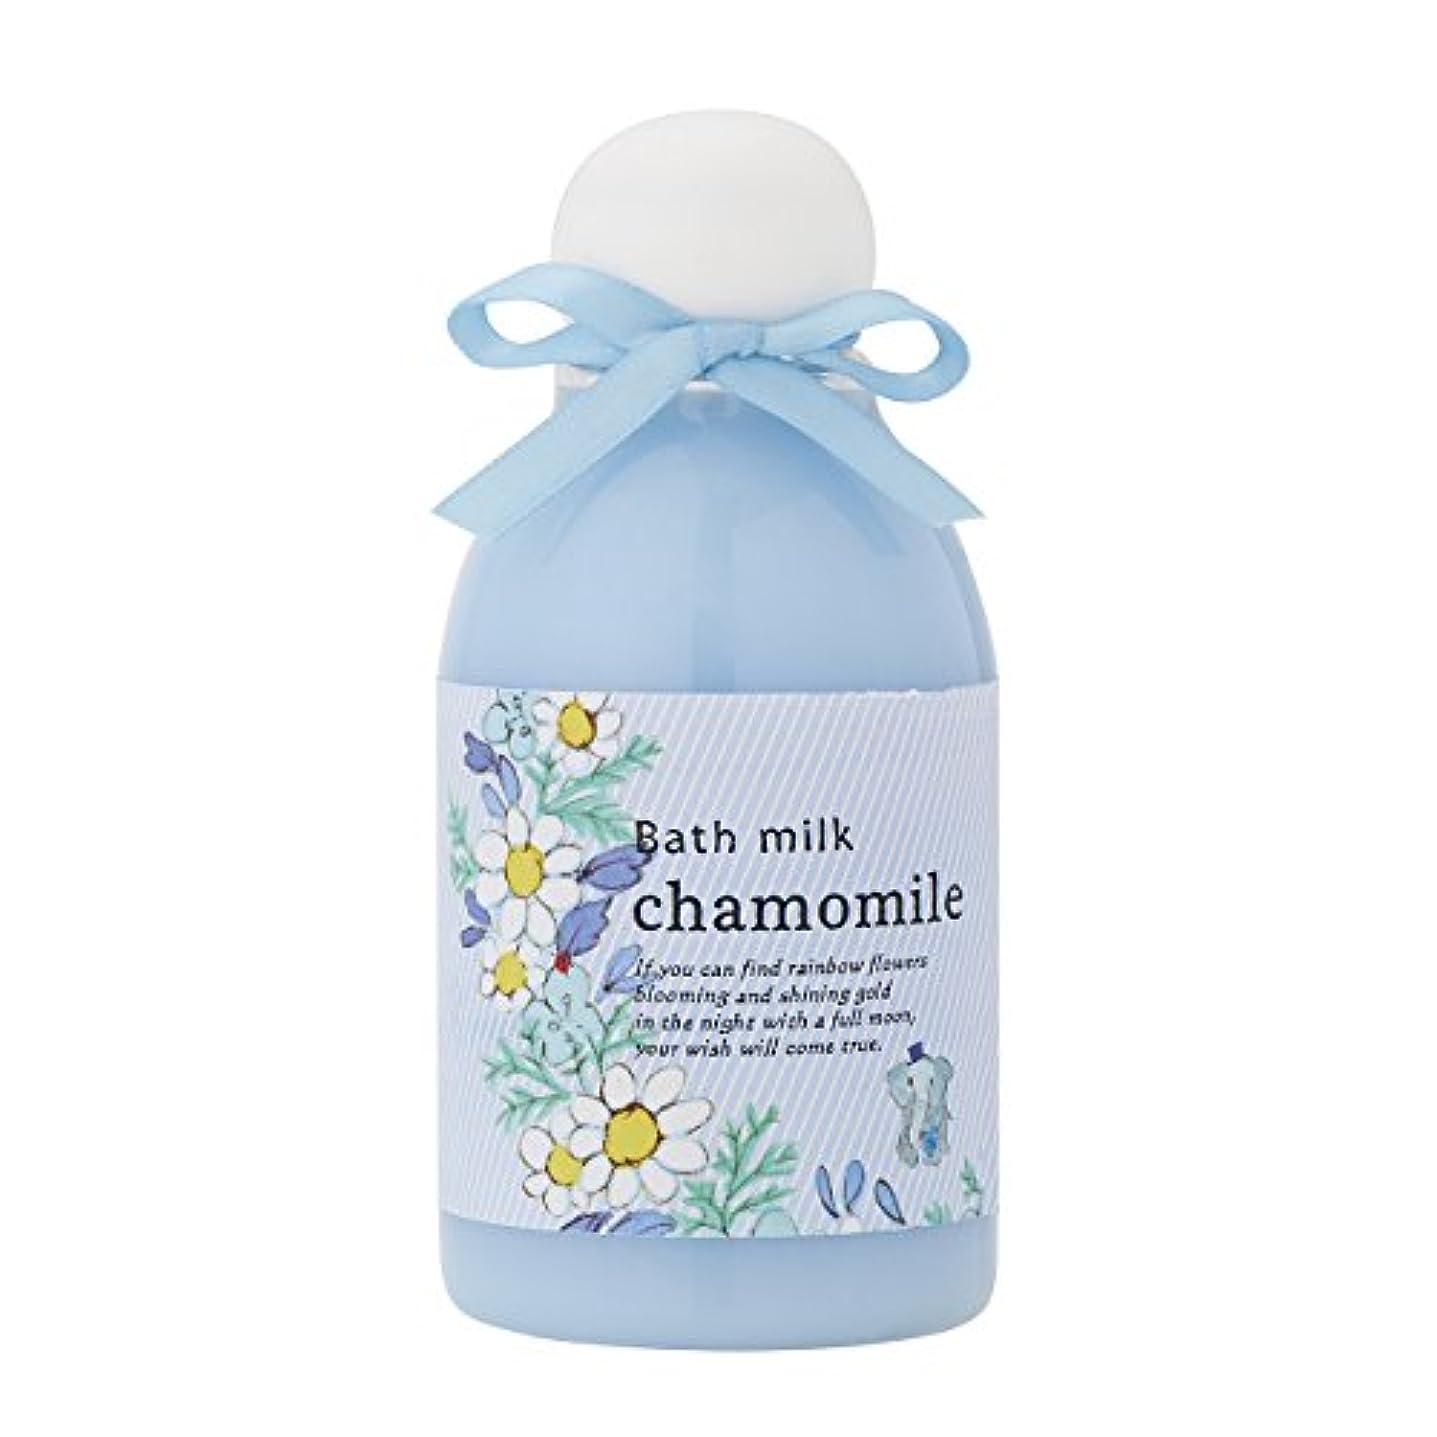 氏ドームつづりサンハーブ バスミルク カモマイル 200ml(バブルバスタイプ入浴料 泡風呂 やさしく穏やかな甘い香り)